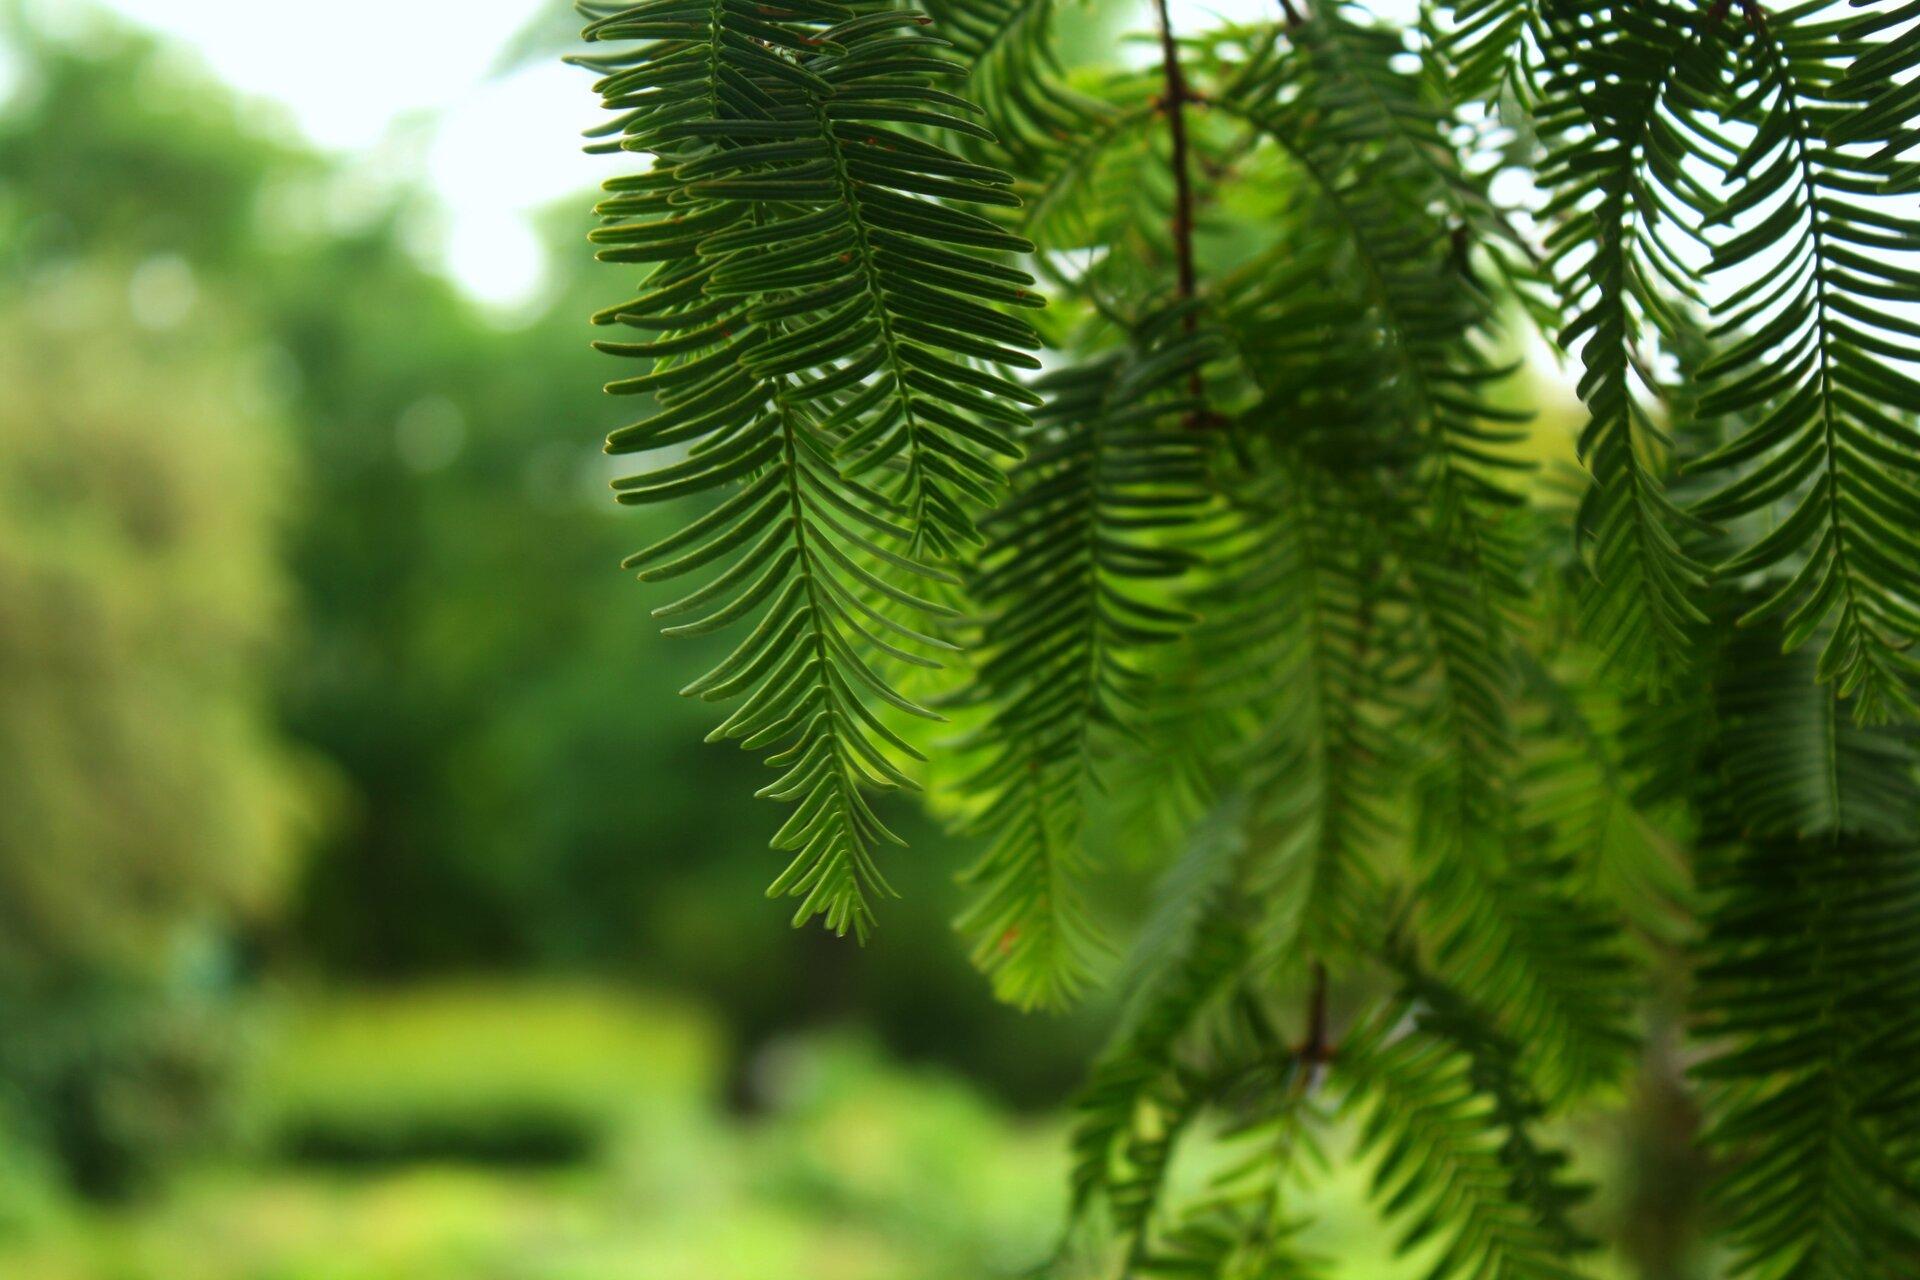 Zdjęcie przedstawia zbliska zwisające gałązki drzewa iglastego na tle rozmytej zieleni drzew. Niska głębia ostrości zdjęcia, tylko kilka gałązek znajdujących się zprzodu wiązki jest wyraźna, reszta pozostaje nieostra. Pogodny dzień, wyraźnie oświetlona roślinność wtle.